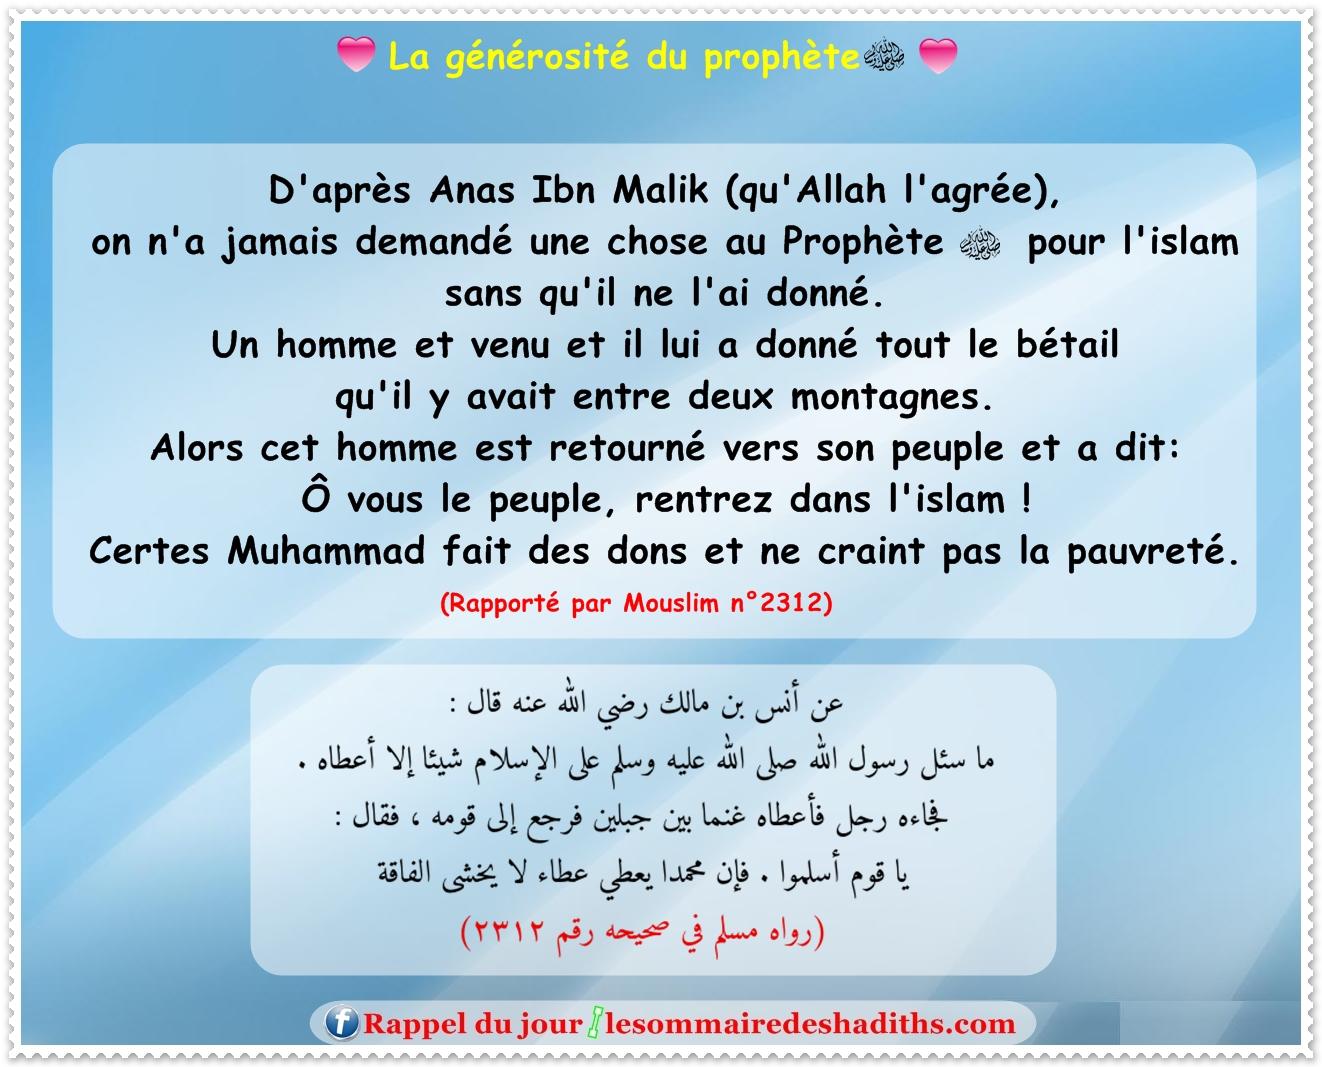 La générosité du prophète (Anas Ibn Malik)